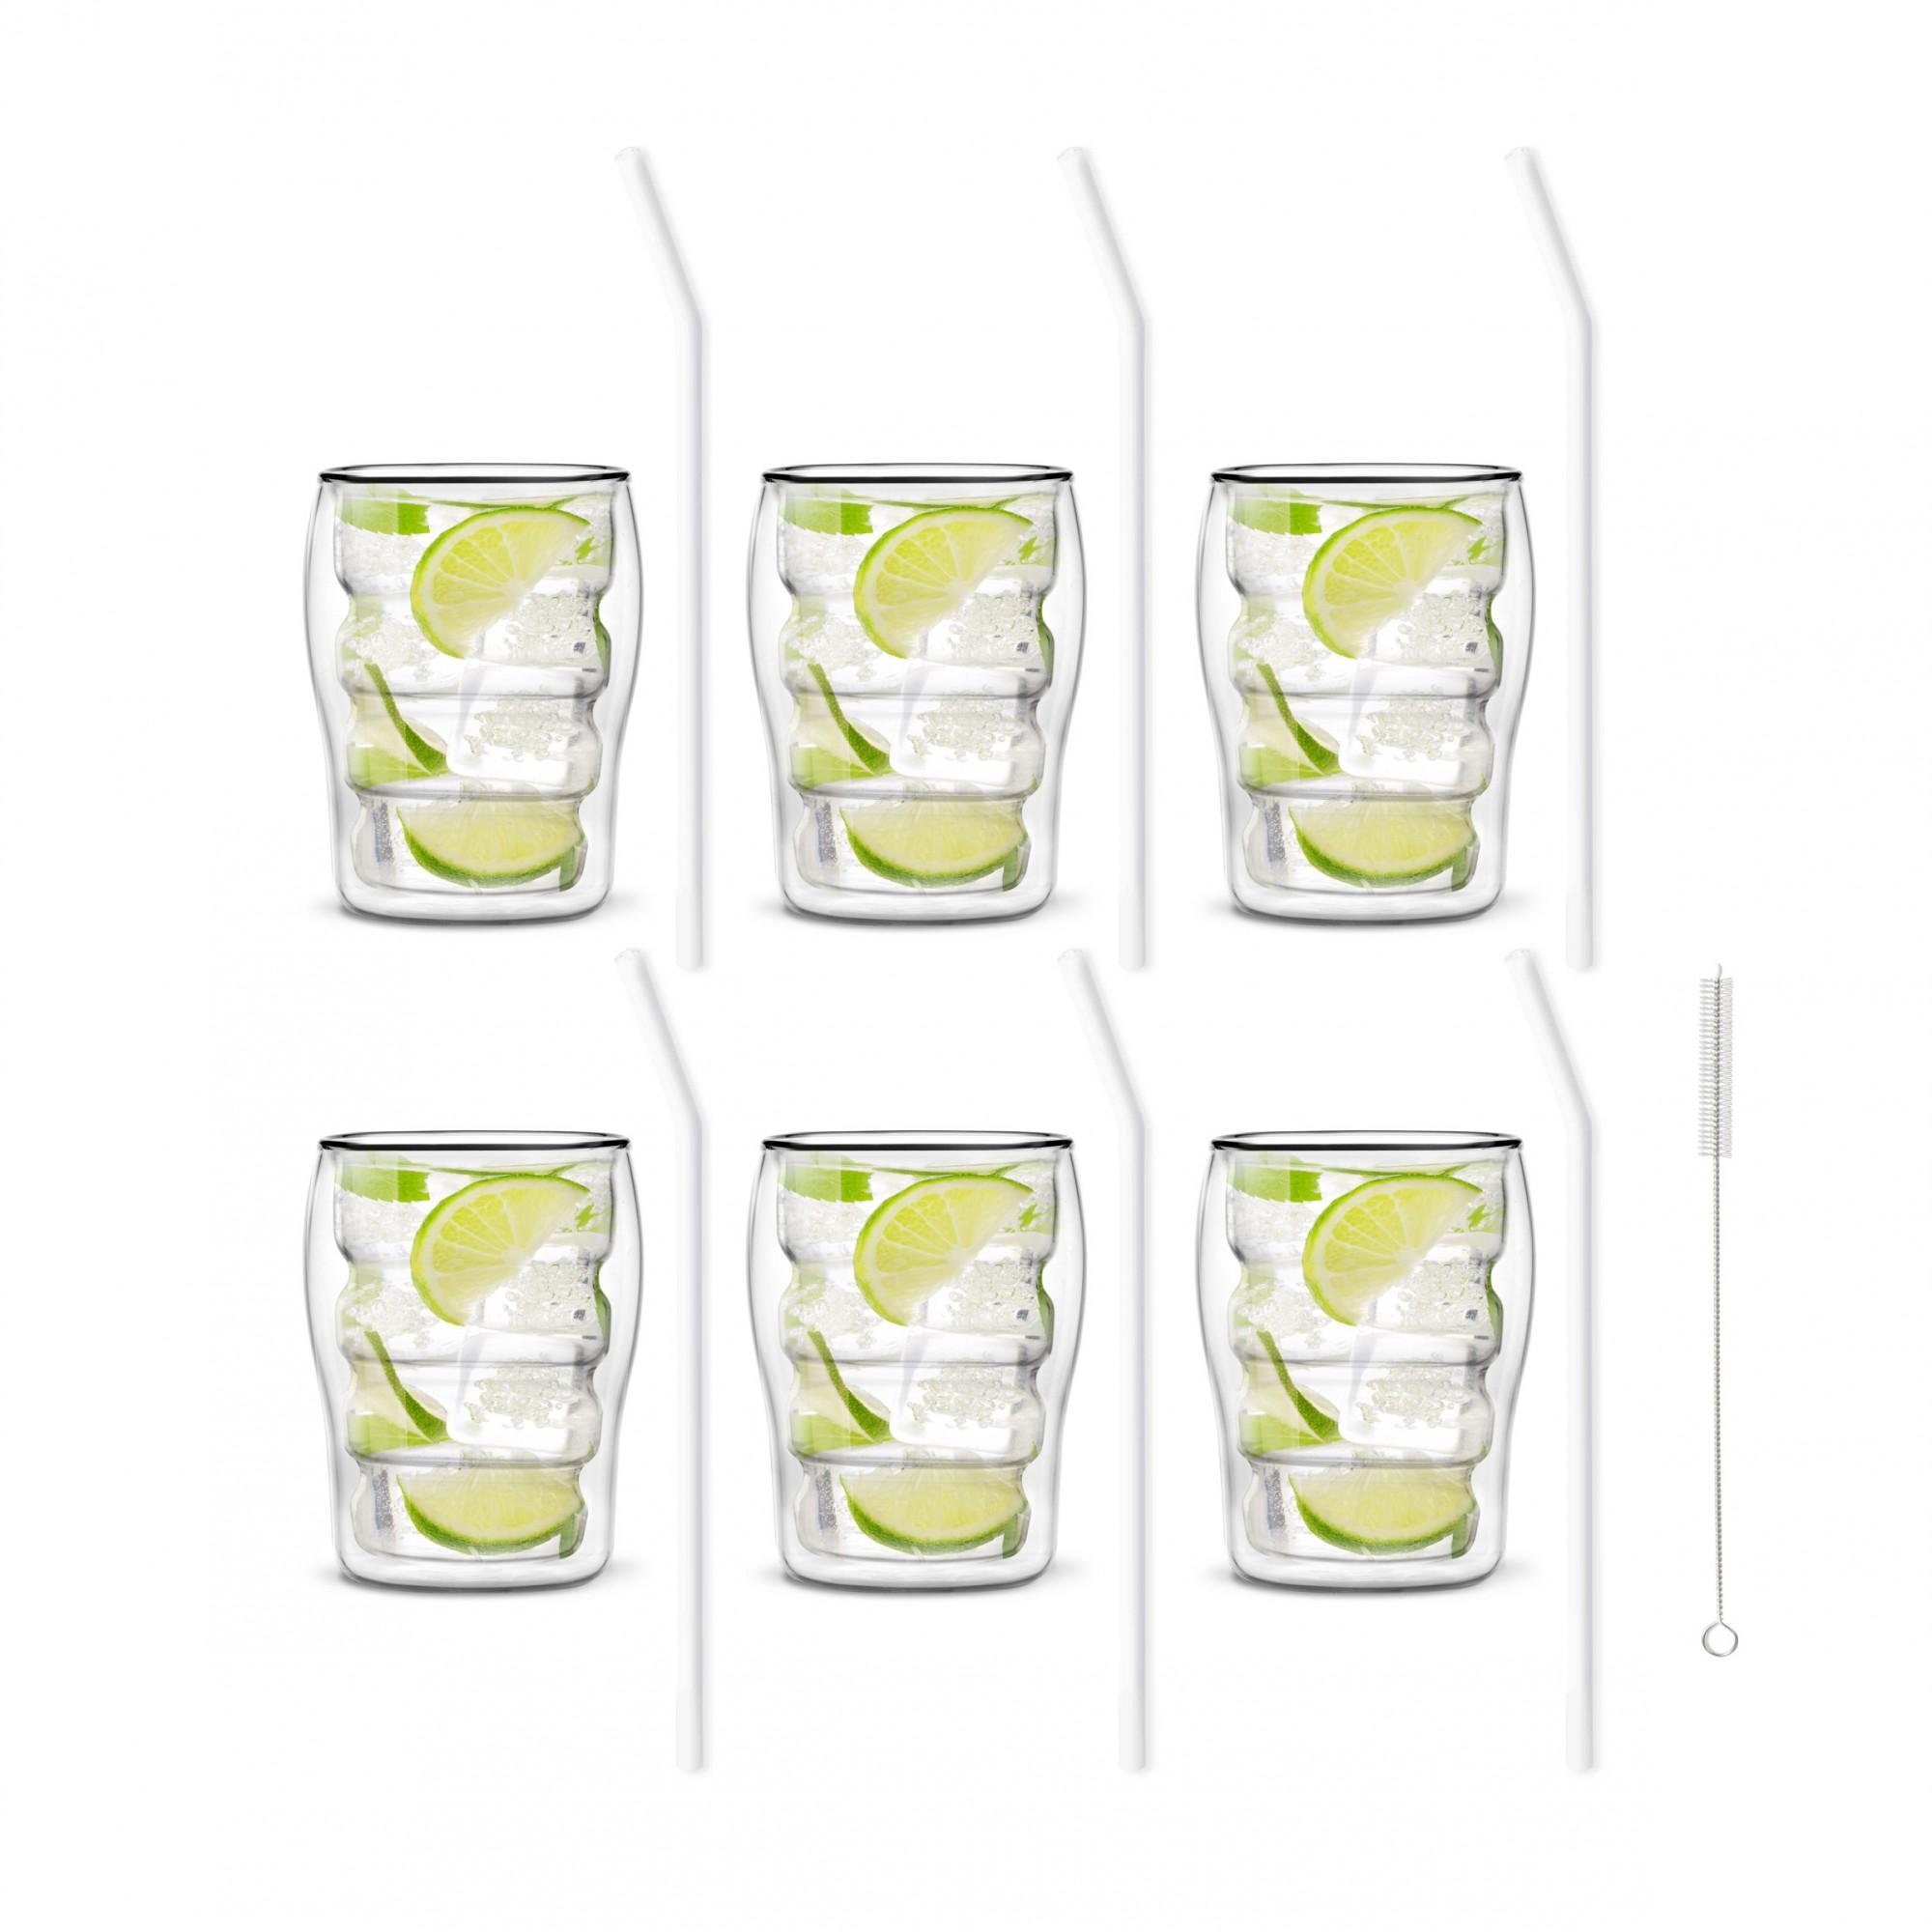 Zestaw 6 szklanek Bolla 300ml i 6 słomek szklanych 23cm białych 7015